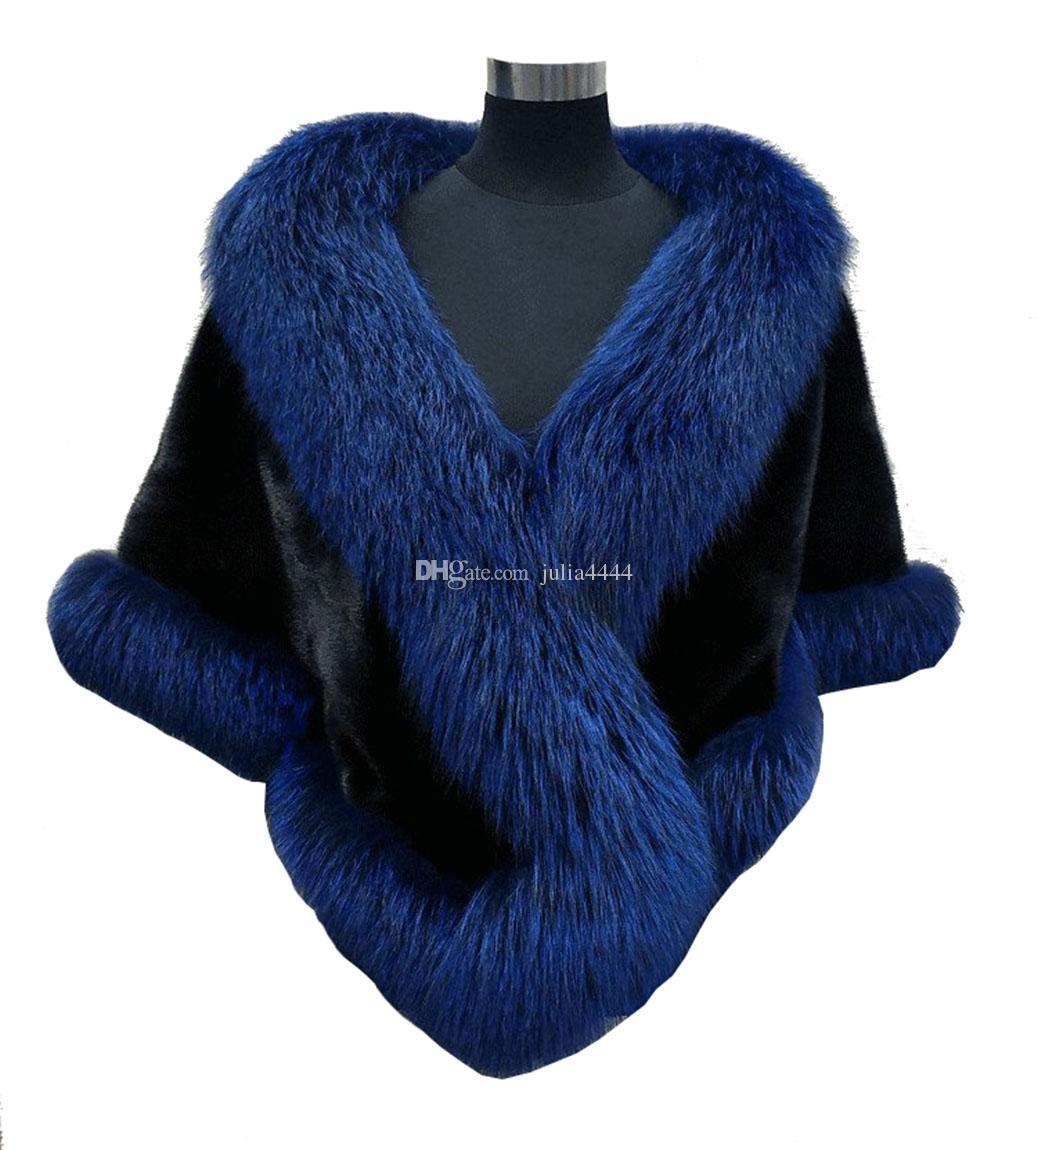 10 цветов смешанные заказы осень зима 2019 новые длинные лиса из искусственного меха свадебные обертывания вечернее платье платок плащ шарф женский коктейль партии